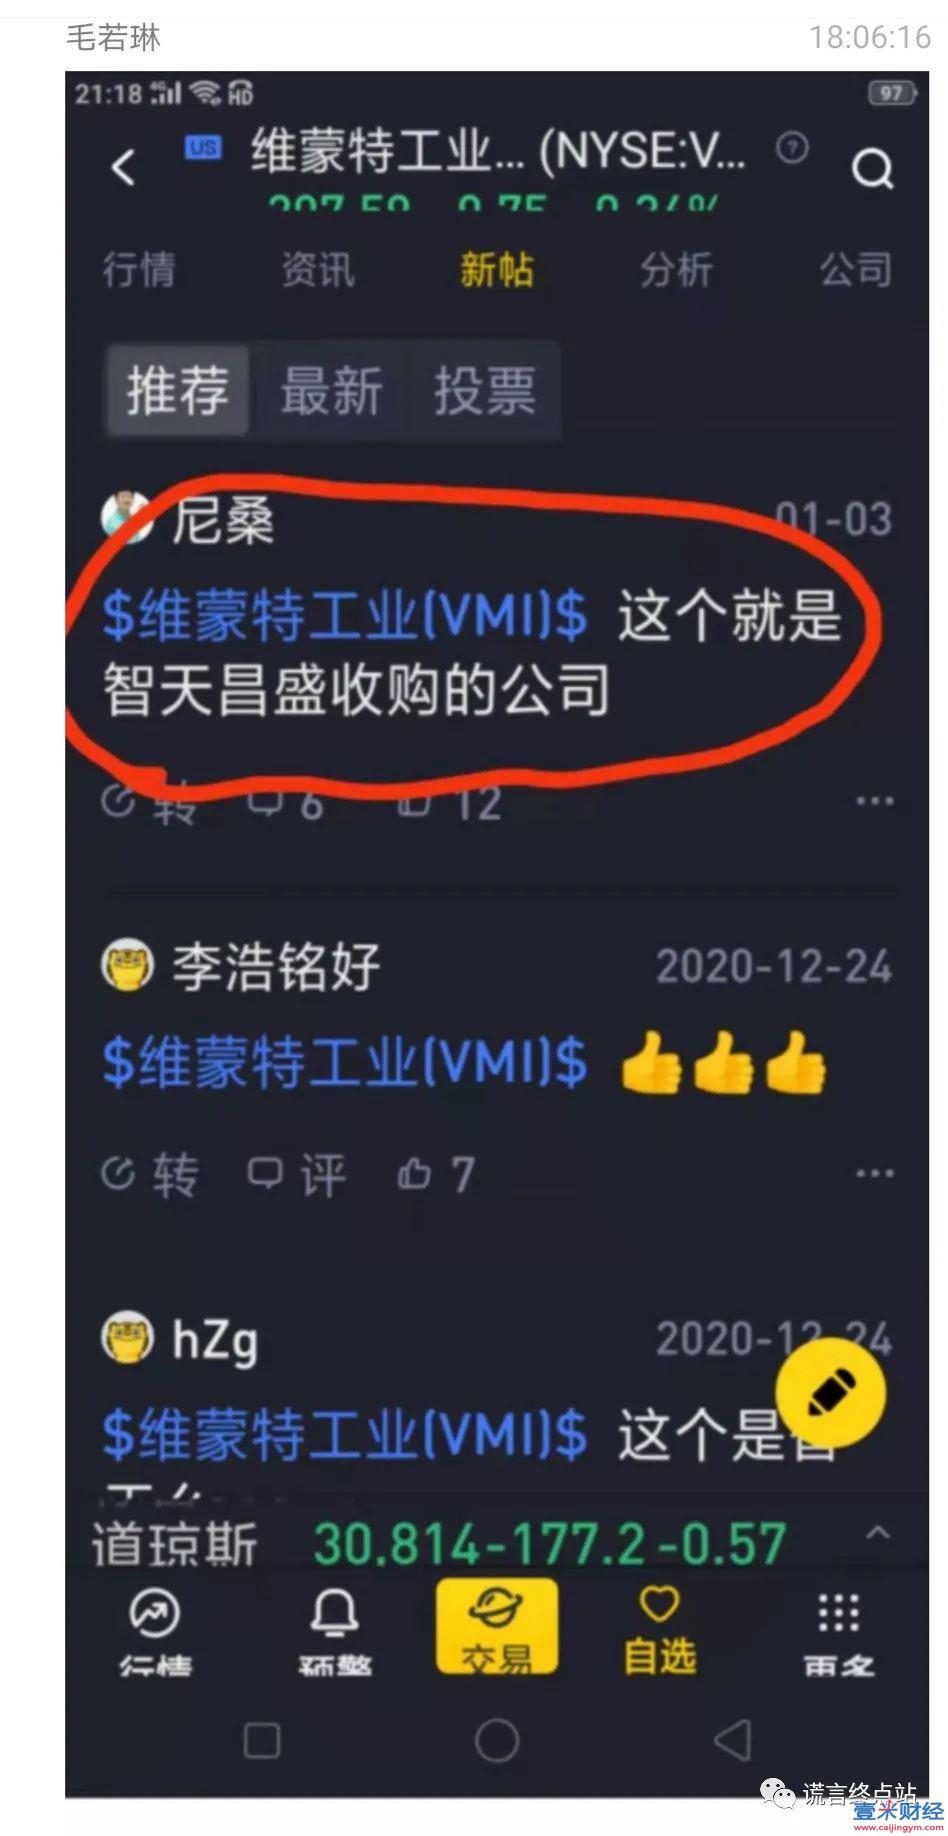 """智天股权最新消息2021年:VMI是智天昌盛买的壳?看流言是如何""""以讹传讹""""的!图(11)"""